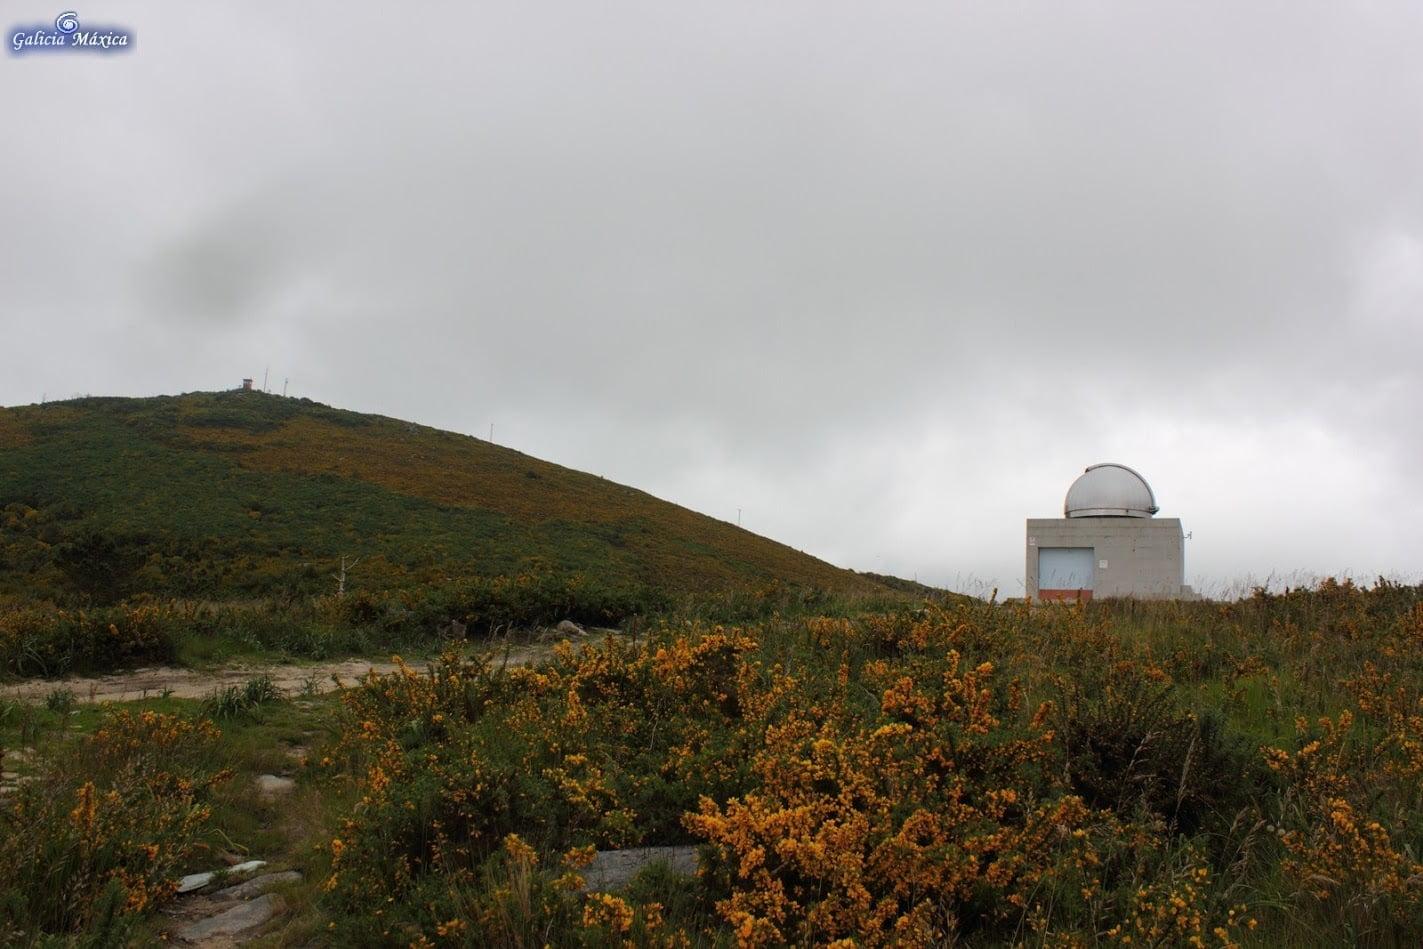 Monte Coirego